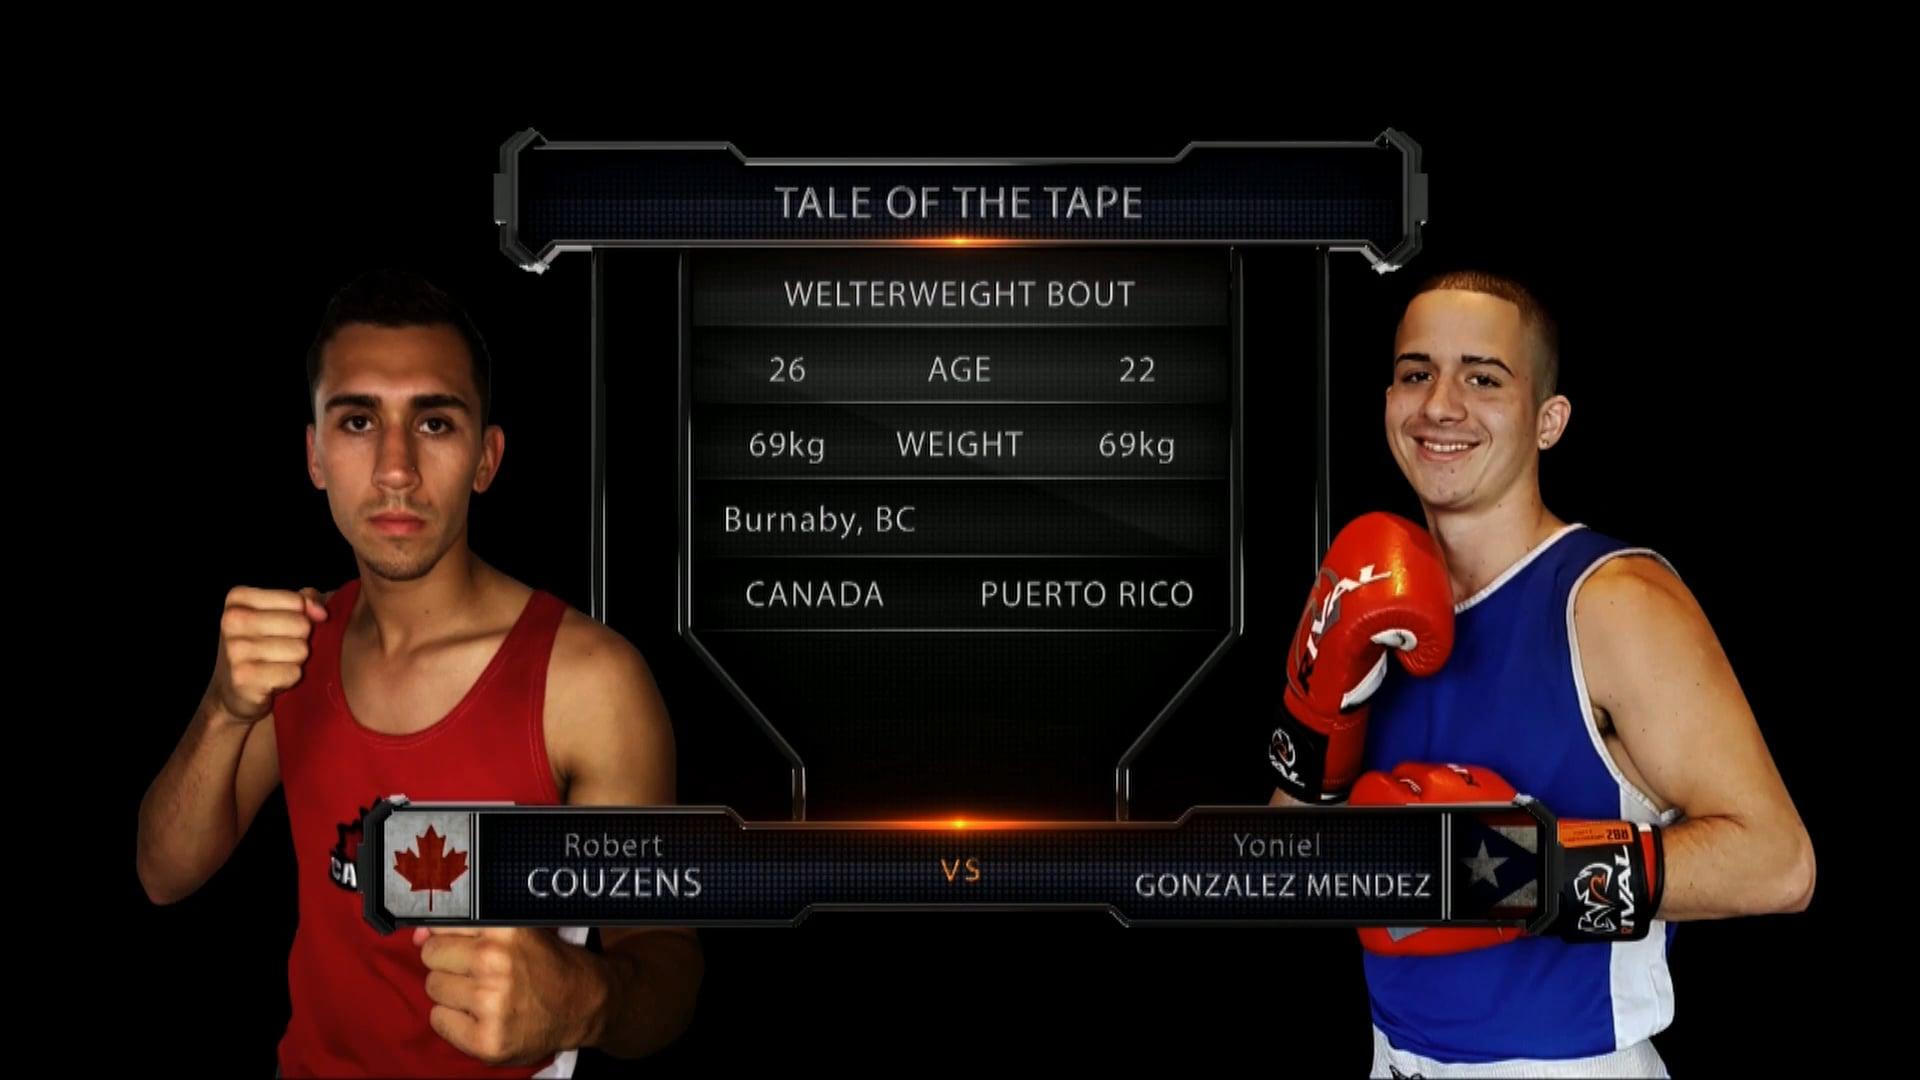 Couzens (CAN) vs Gonzalez Mendez (PR)